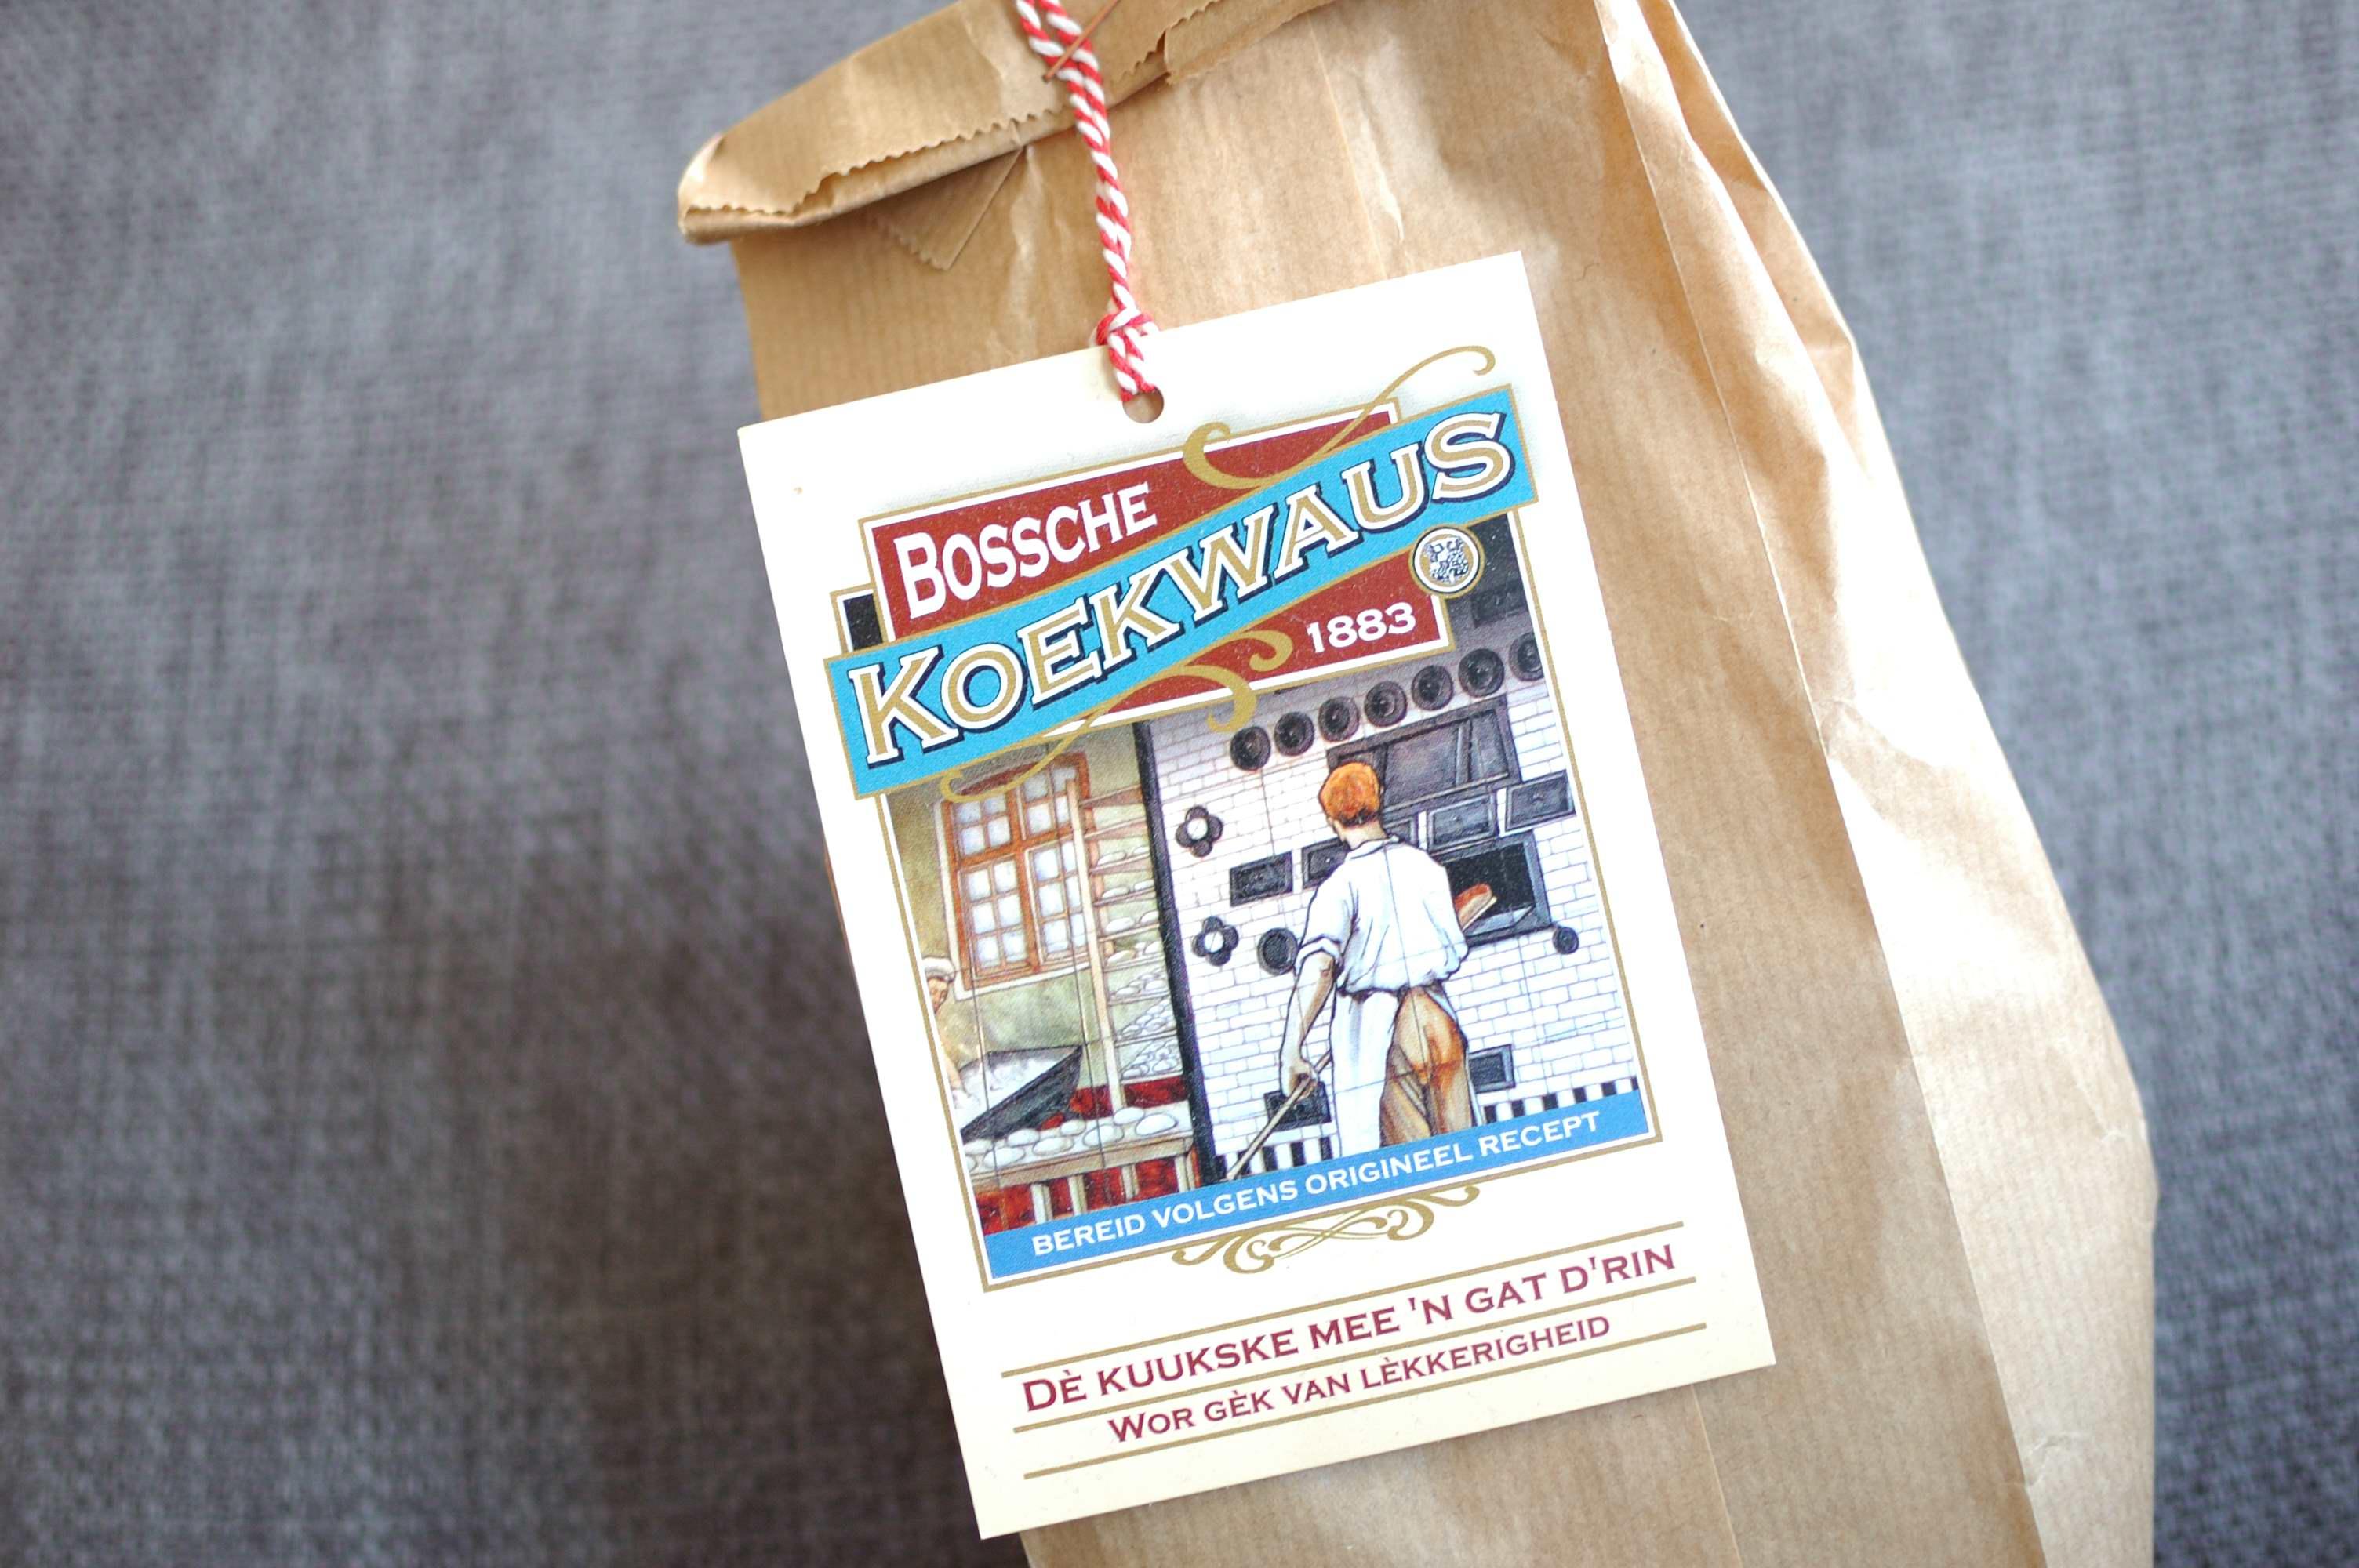 Bossche Koekwaus 01 - Den Bosch Tips